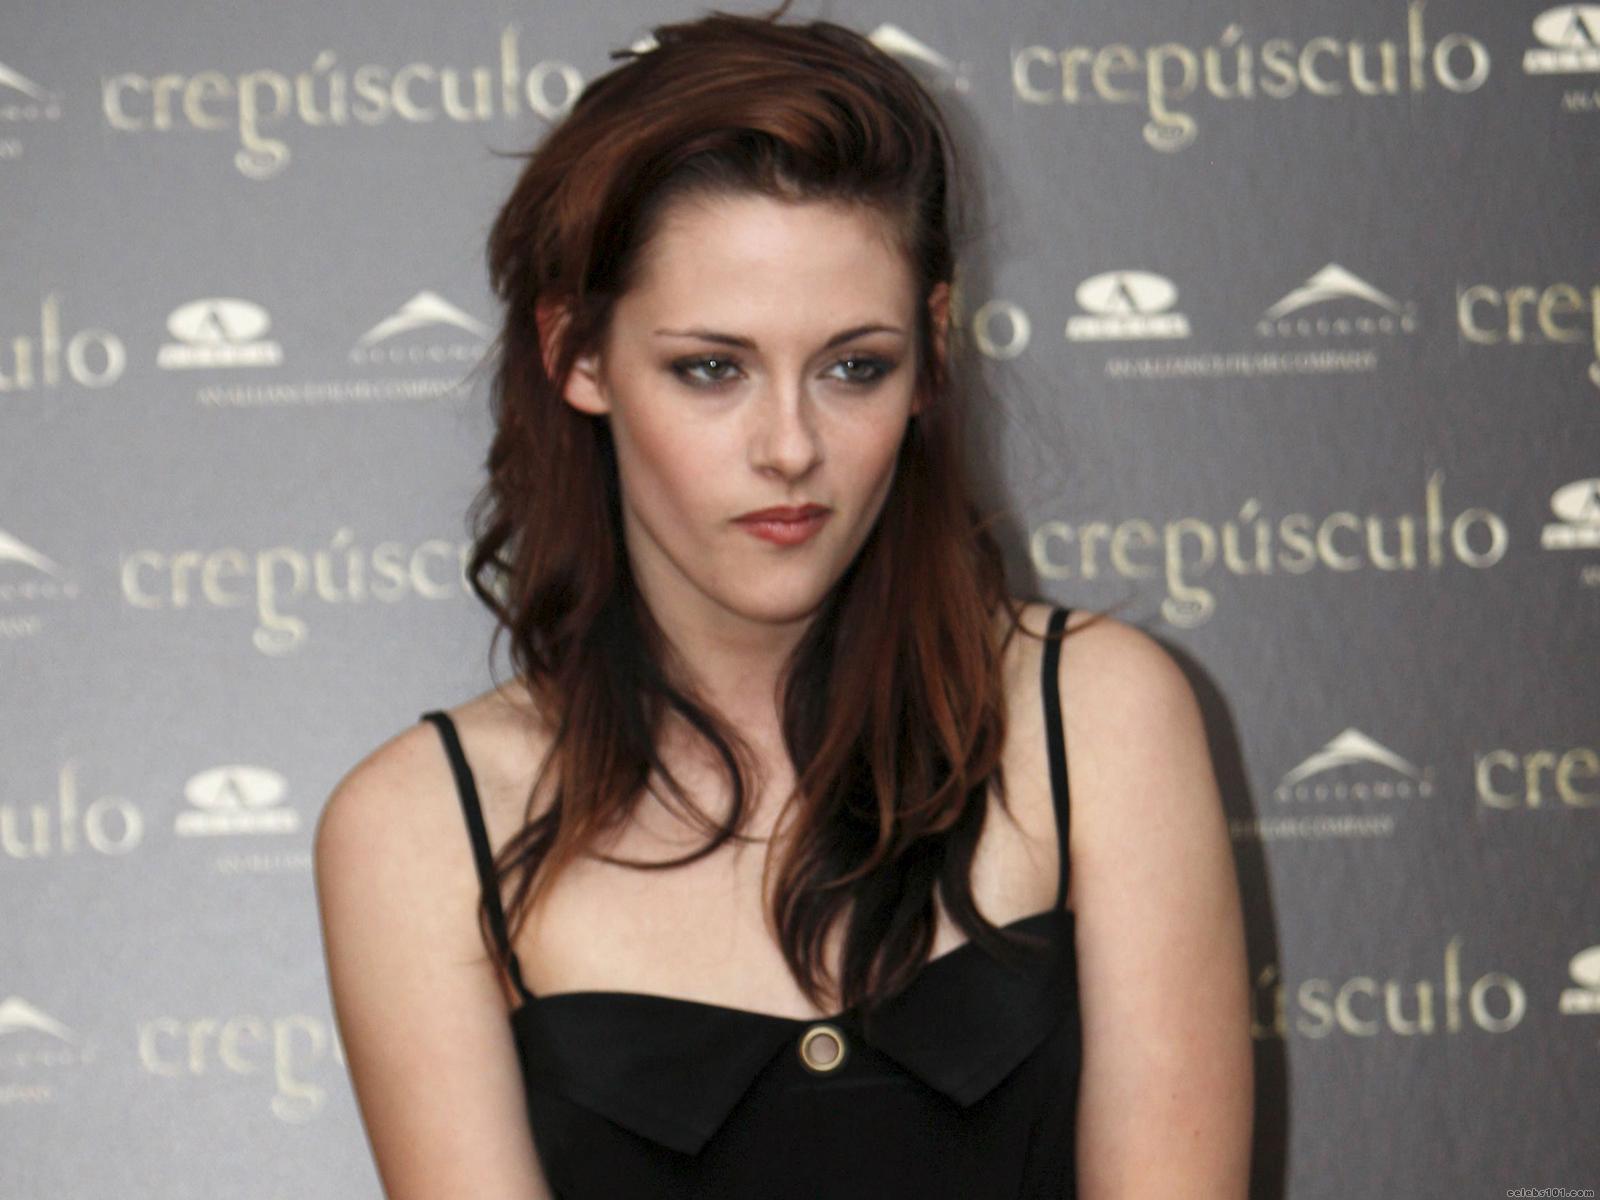 http://4.bp.blogspot.com/-5xu0KuixZYY/T4UKt3YygdI/AAAAAAAAP0g/6JbenBc2VNI/s1600/Kristen_Stewart_Wallpaper+(32).jpg